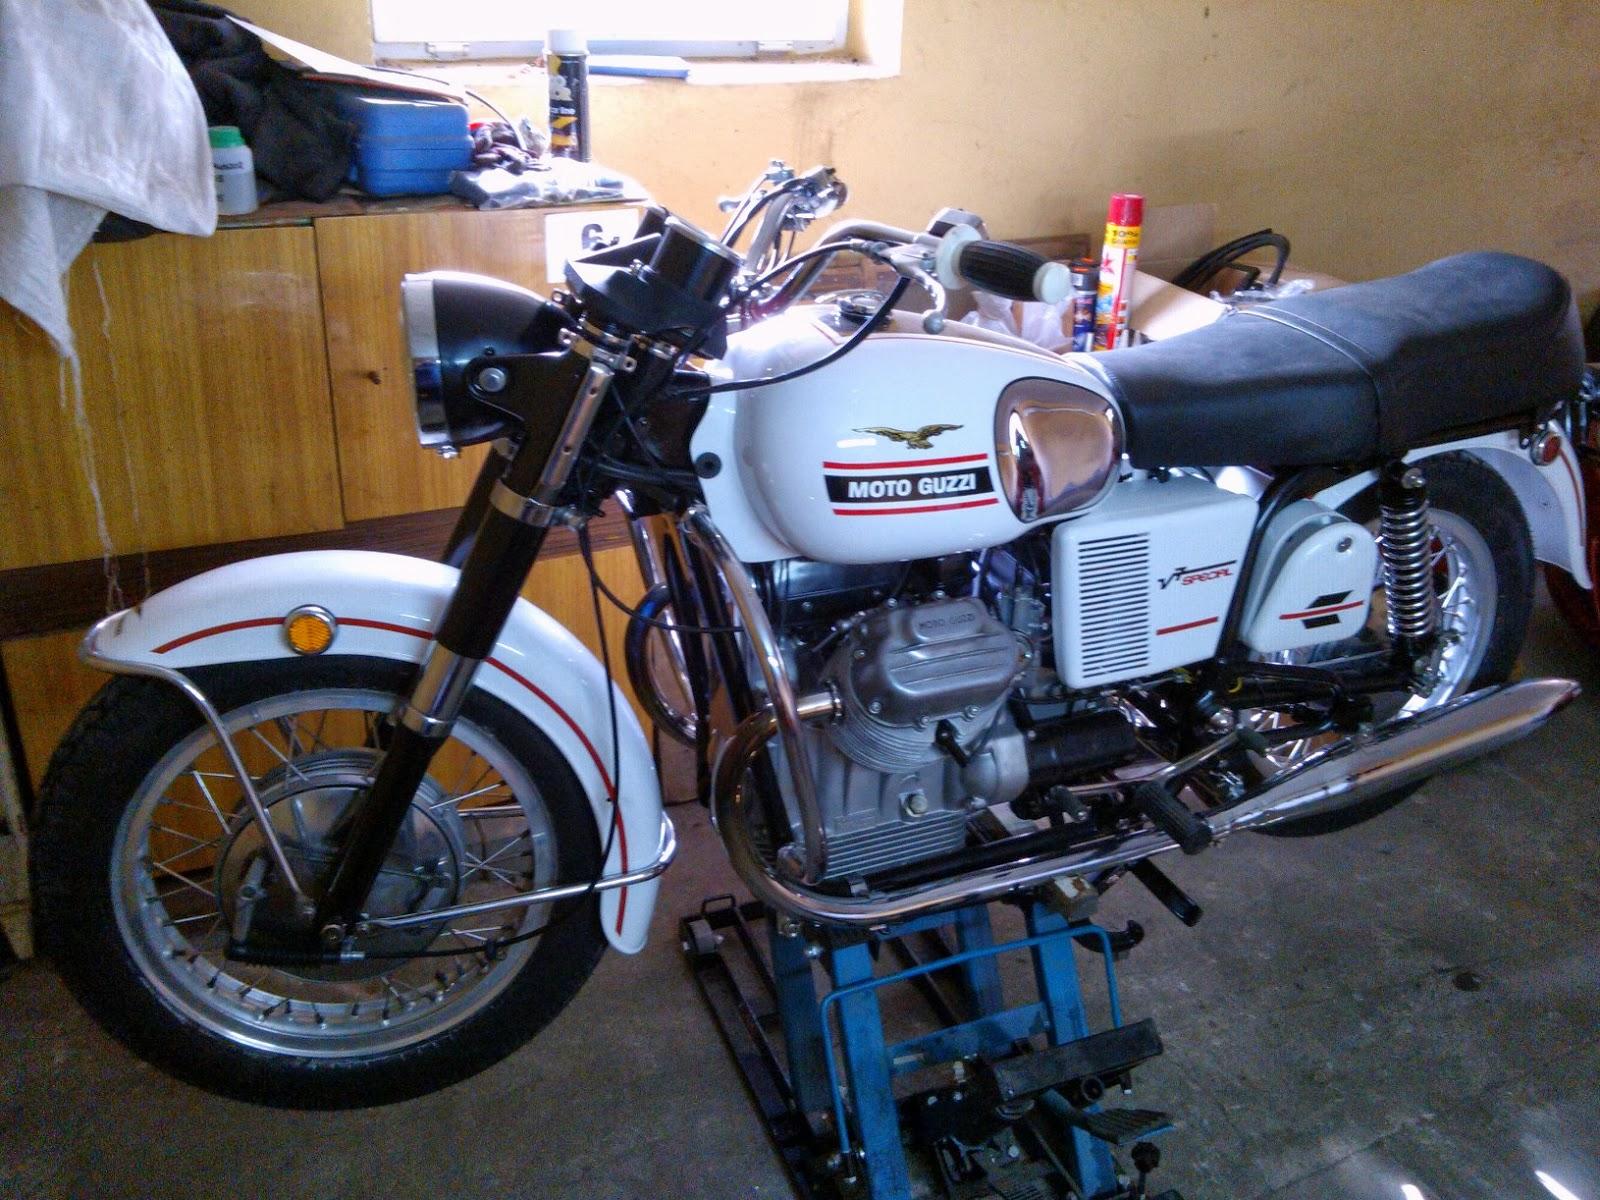 Jbr Motors Pa Dziernika 2013